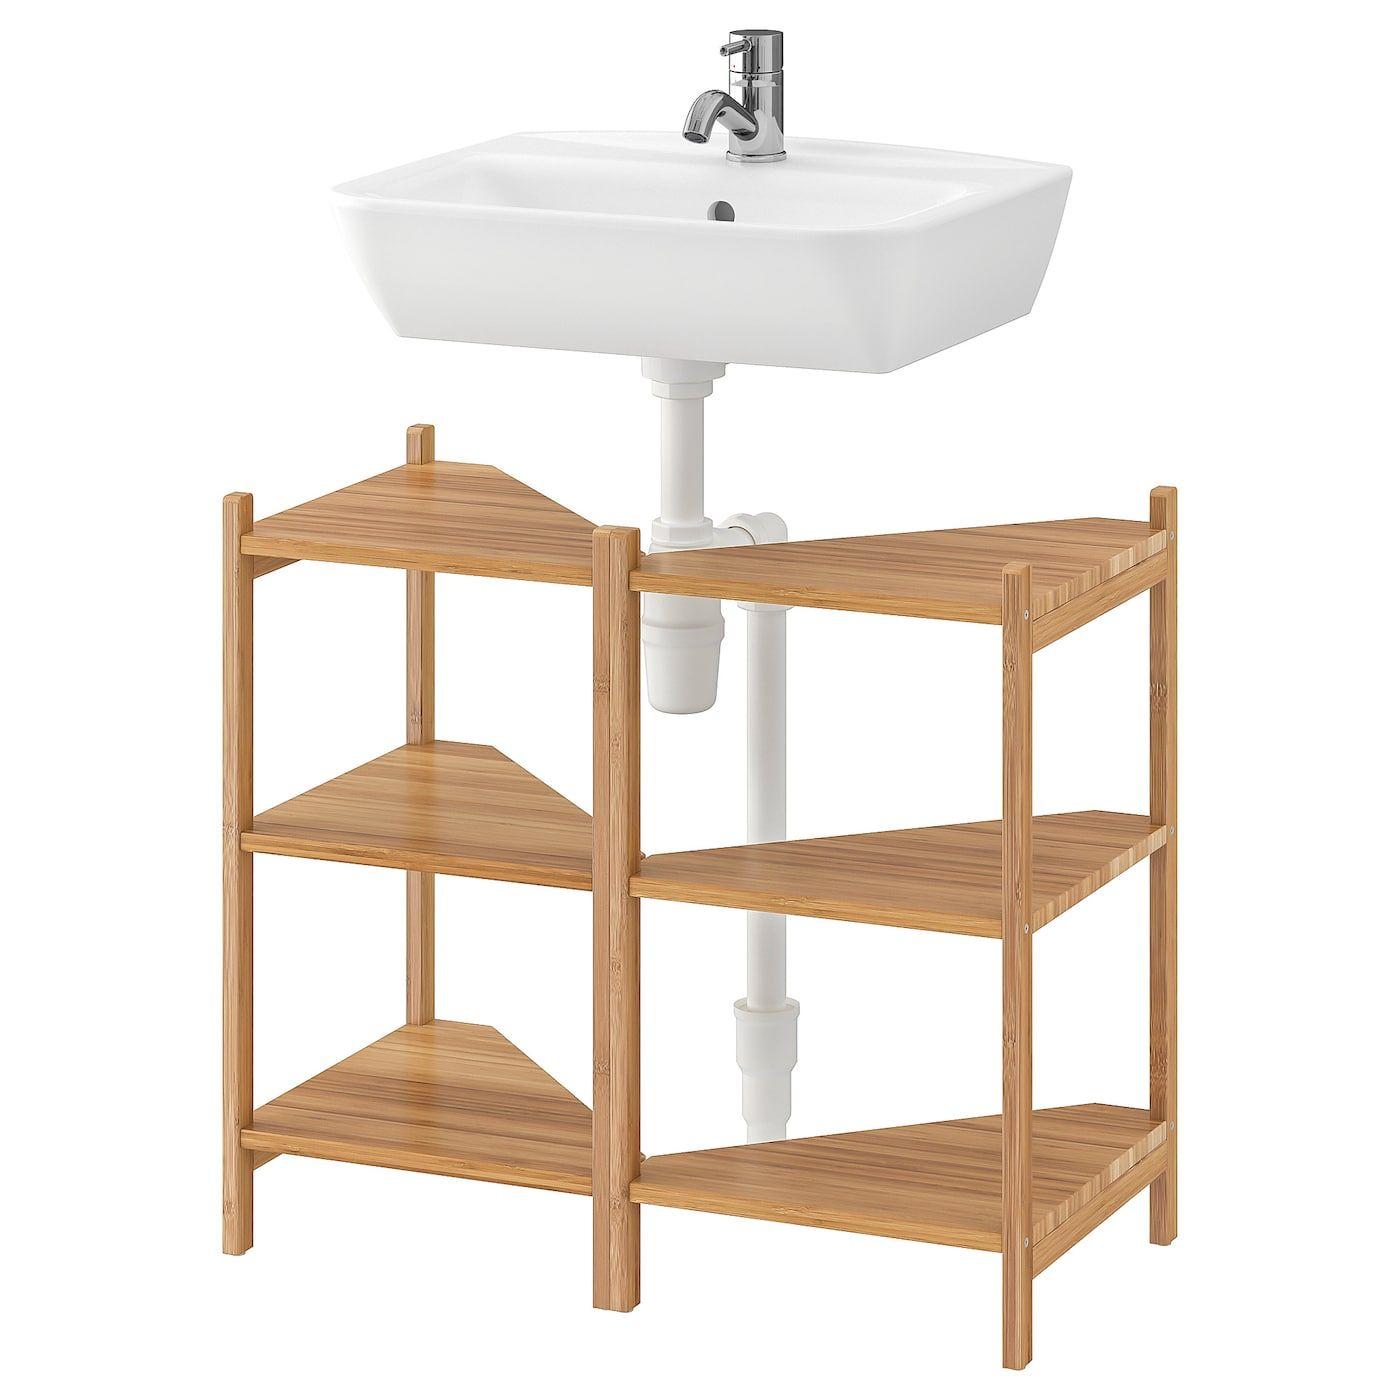 RÅGRUND Sink shelfcorner shelf